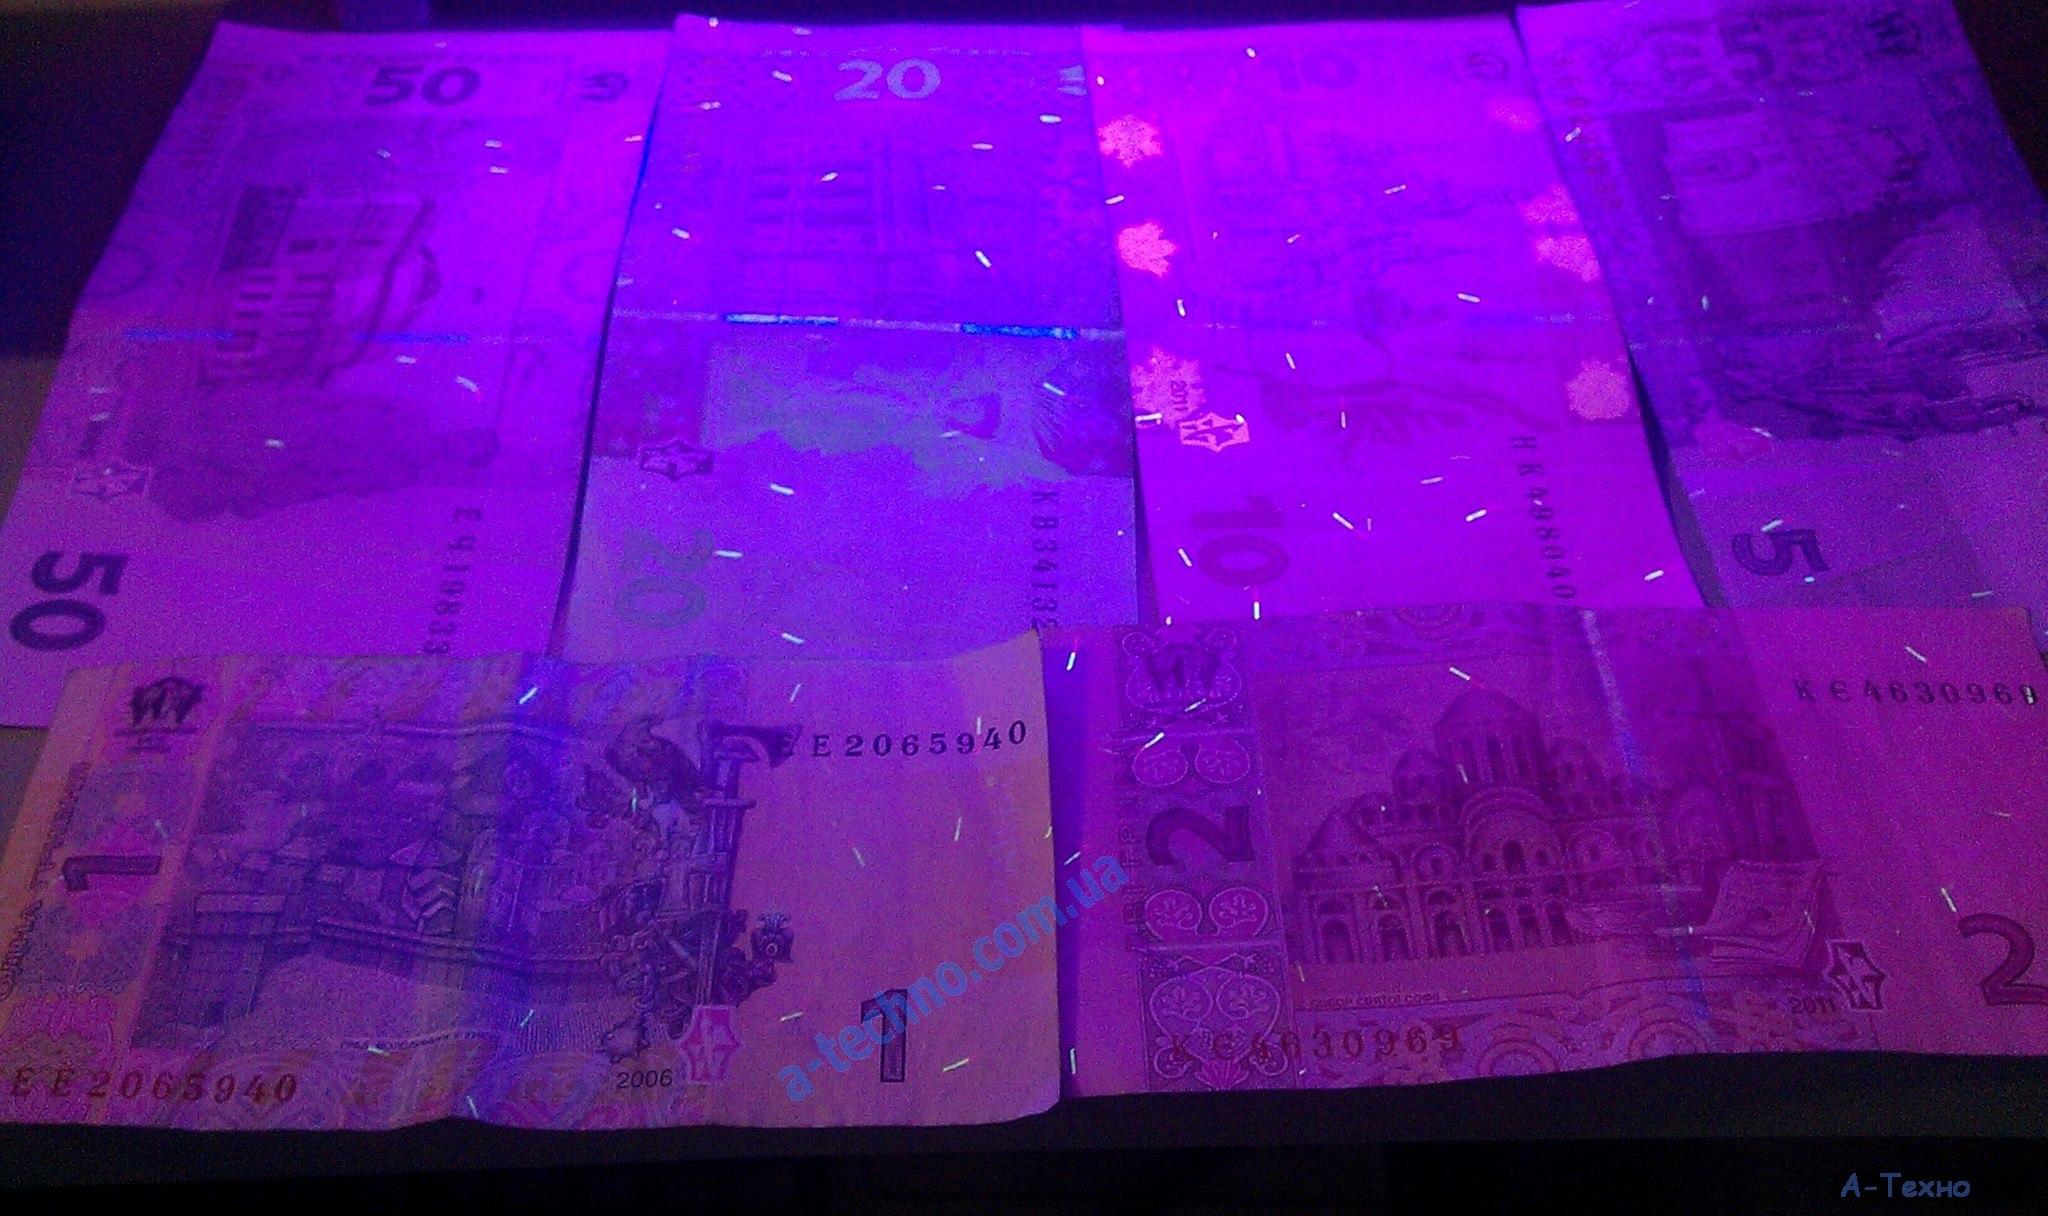 Выбор детектора валют. Как определить фальшивку.